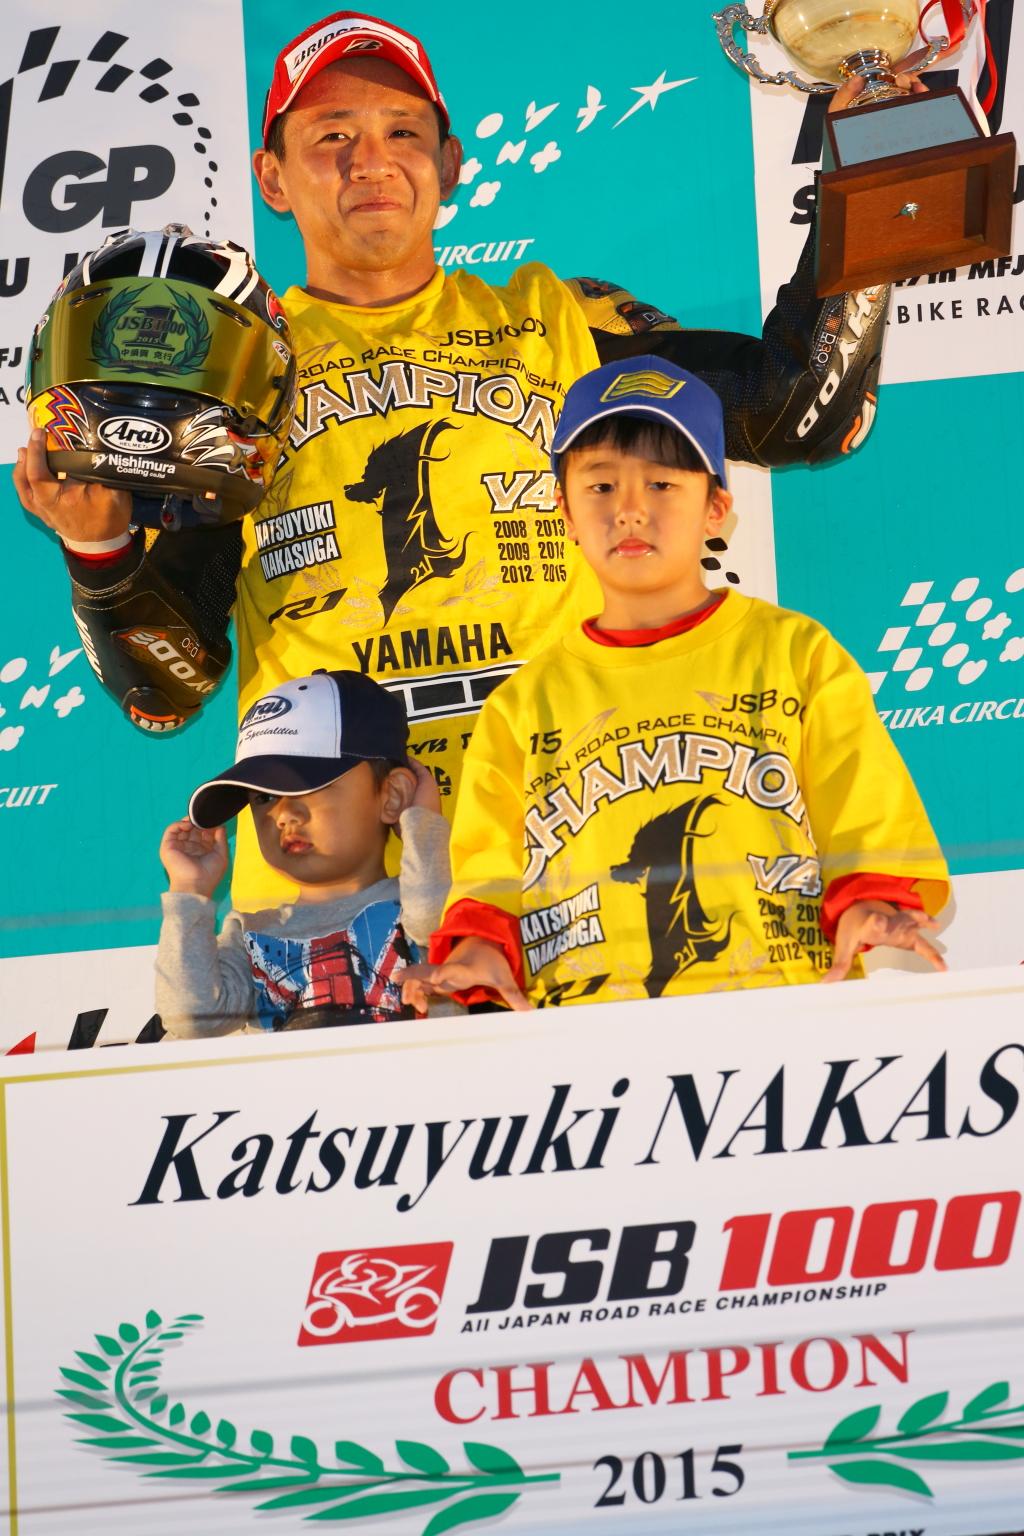 Катсуюки Накасуга, чемпион JSB1000 (2015)